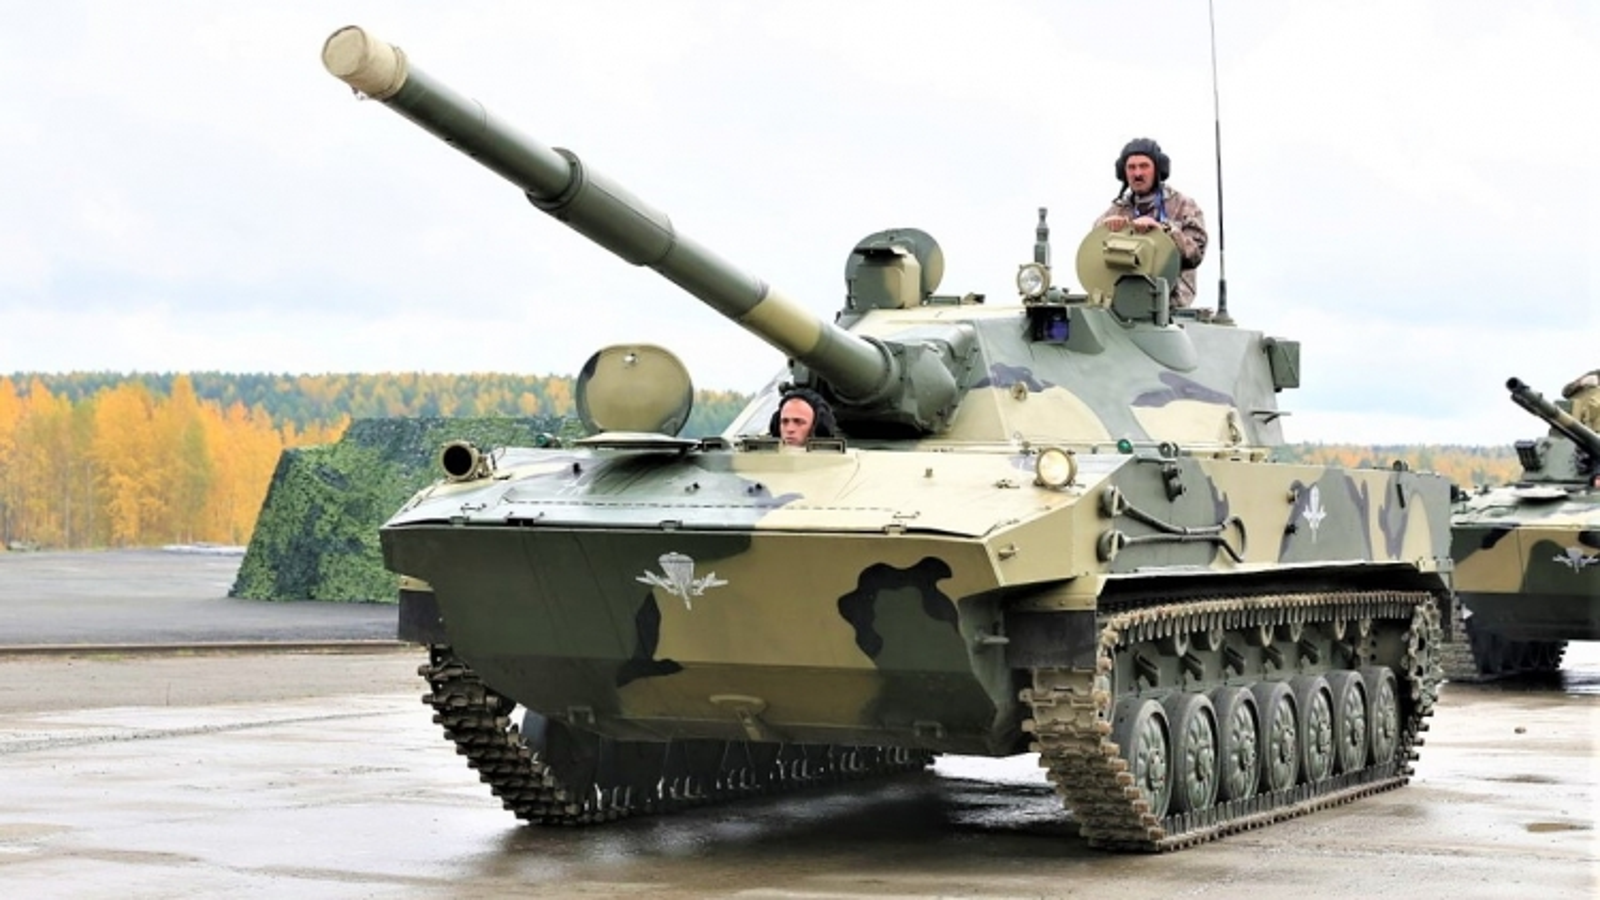 Lộ diện xe tăng hạng nhẹ mới Sprut-SDM1 đầy uy lực của Nga